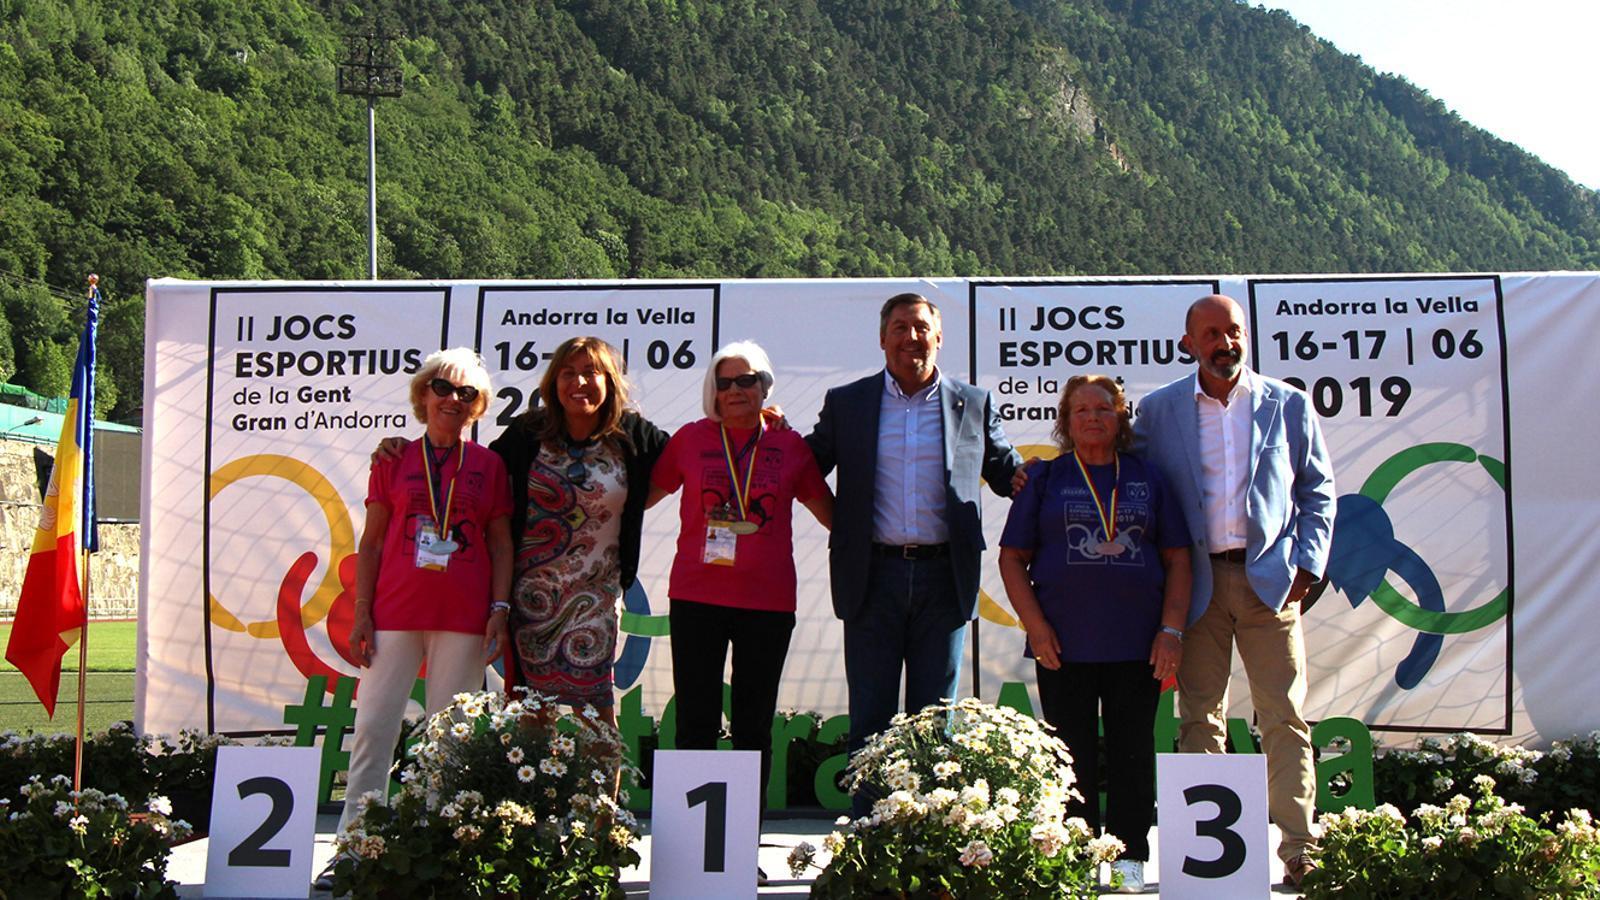 Les autoritats entreguen les medalles als esportistes guanyadors. M. M. (ANA)